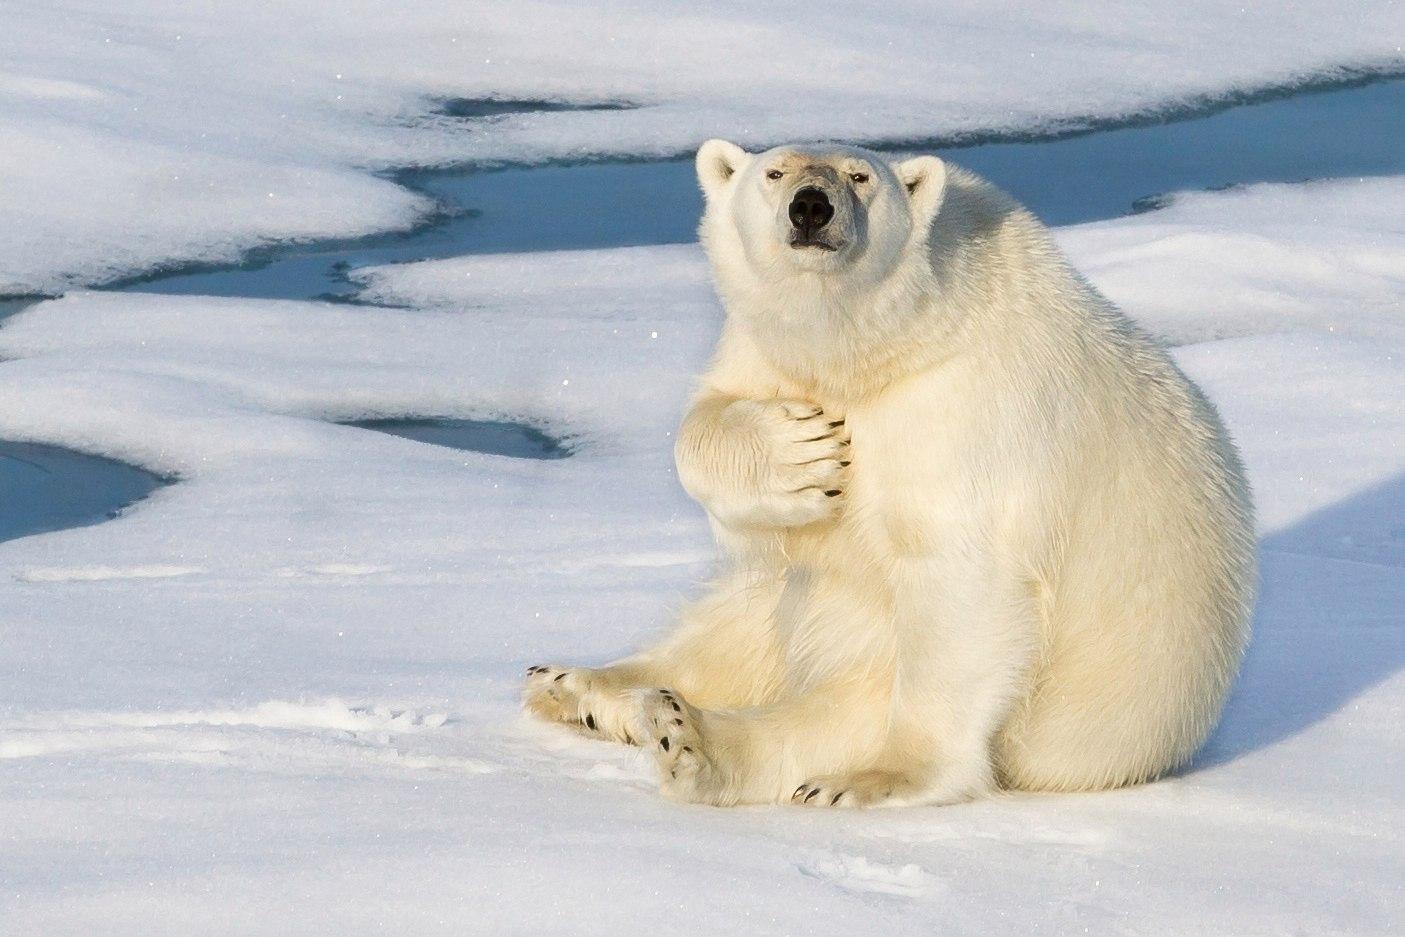 Открытки. С Днем полярника! Поздравляю! День белого медведя!